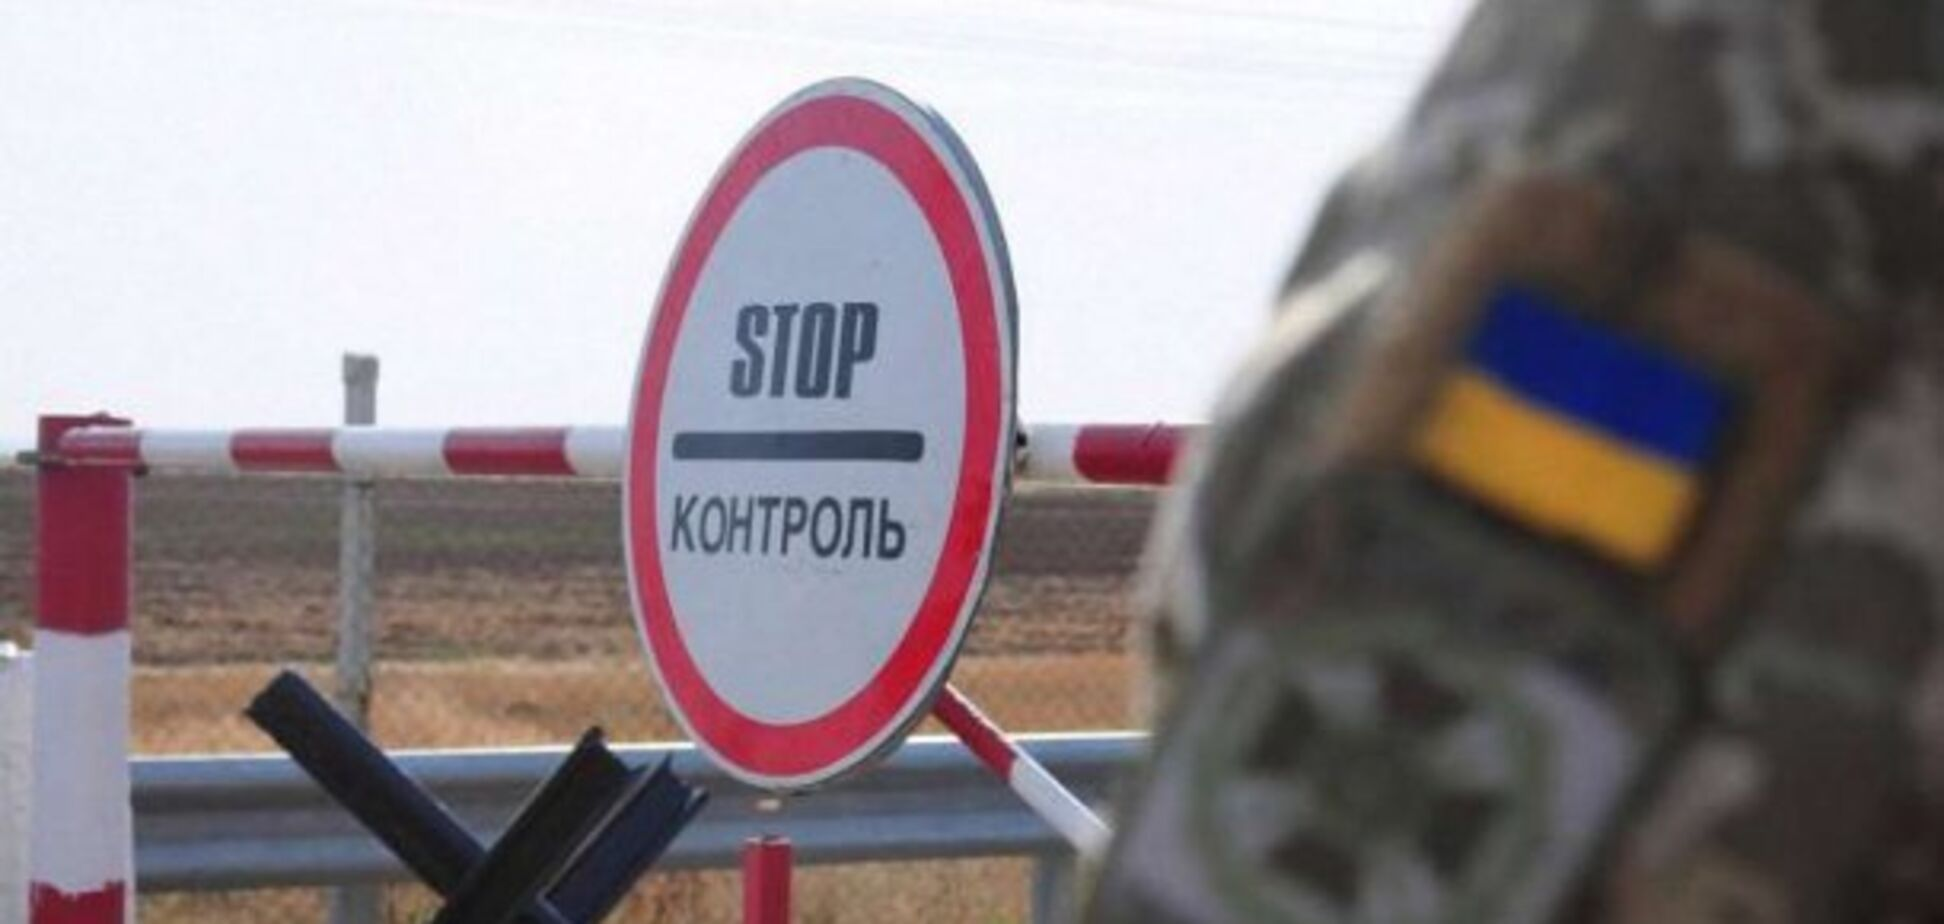 СБУ ввела спецрежим на границе: в чем дело